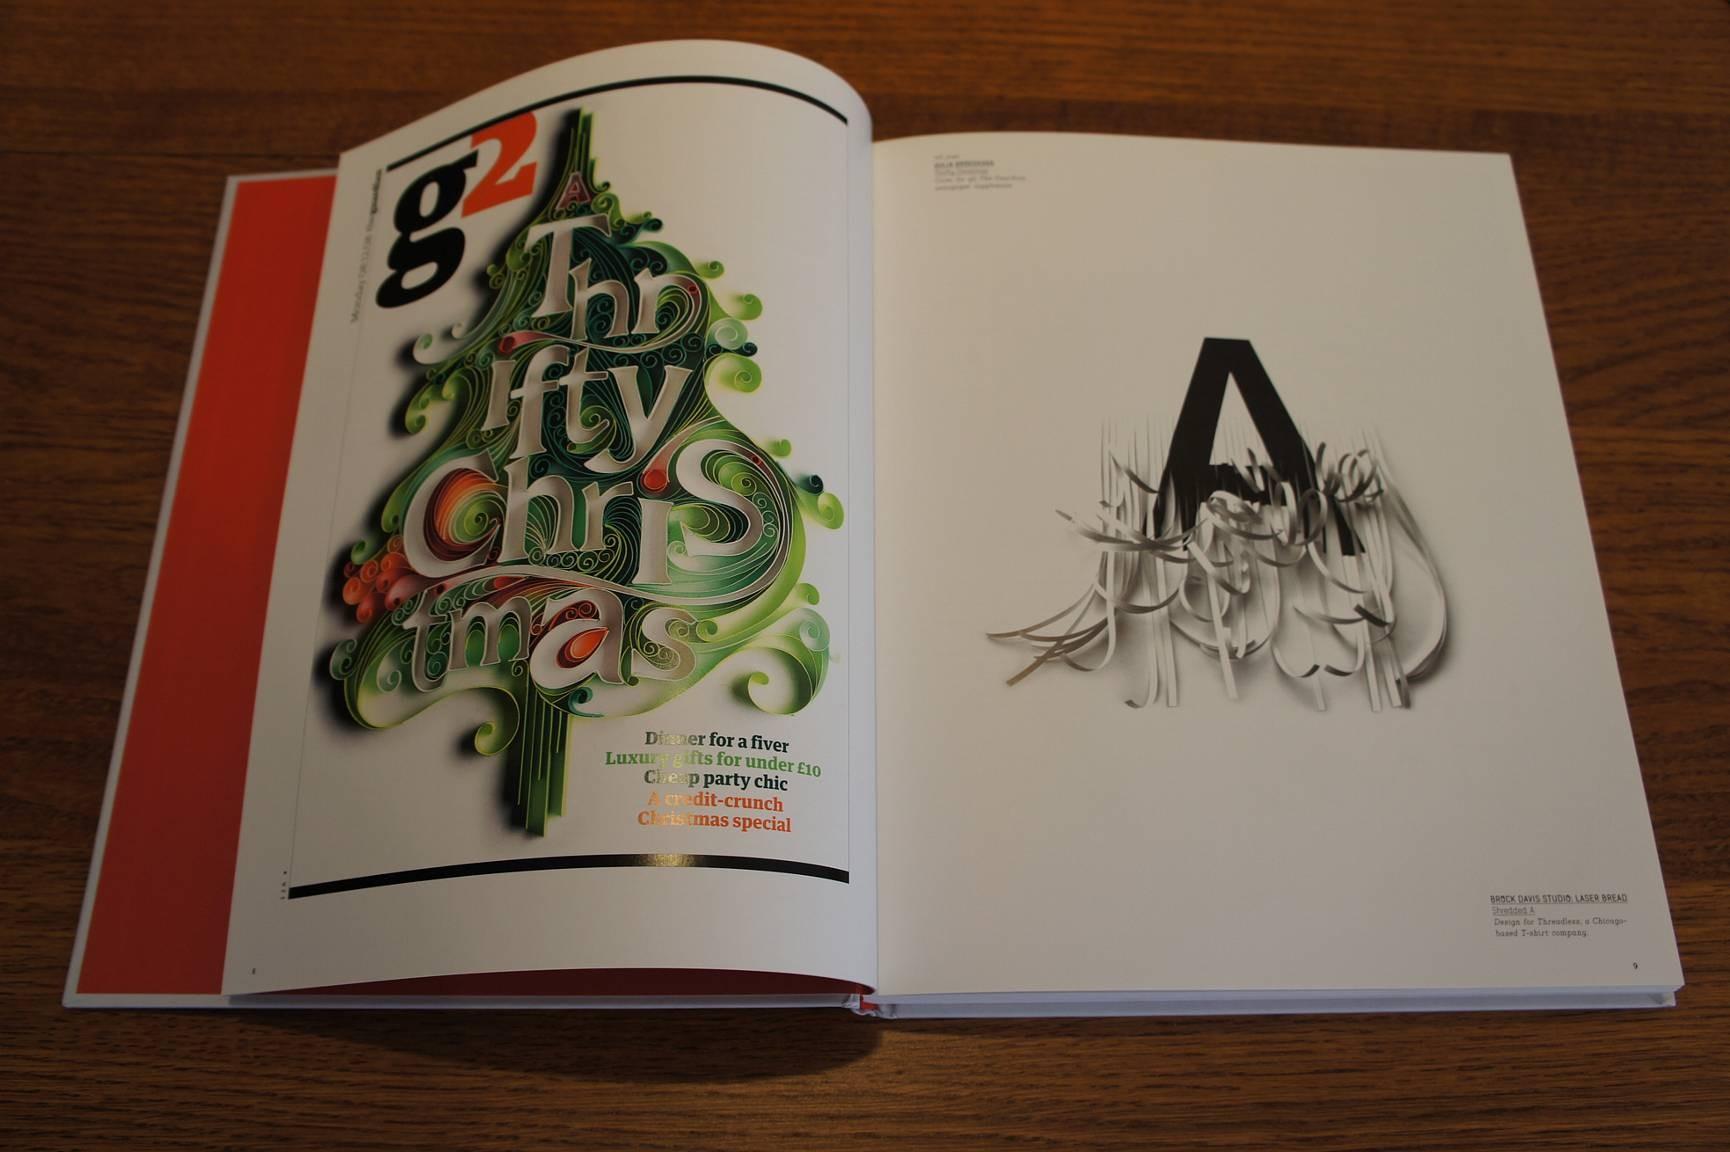 Thomas Papercraft Das Analoge Nähert Sich Dem Grafischen Design An · Lomography